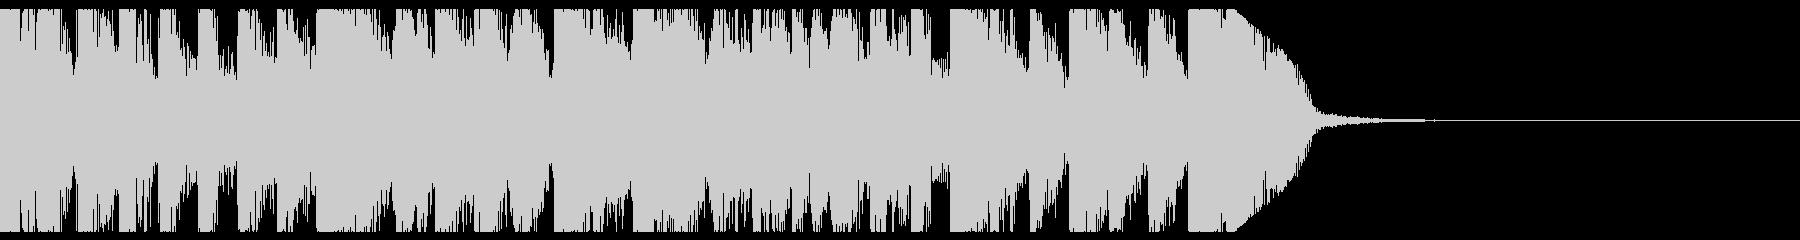 レイブ、ドラムンベースなジングルの未再生の波形